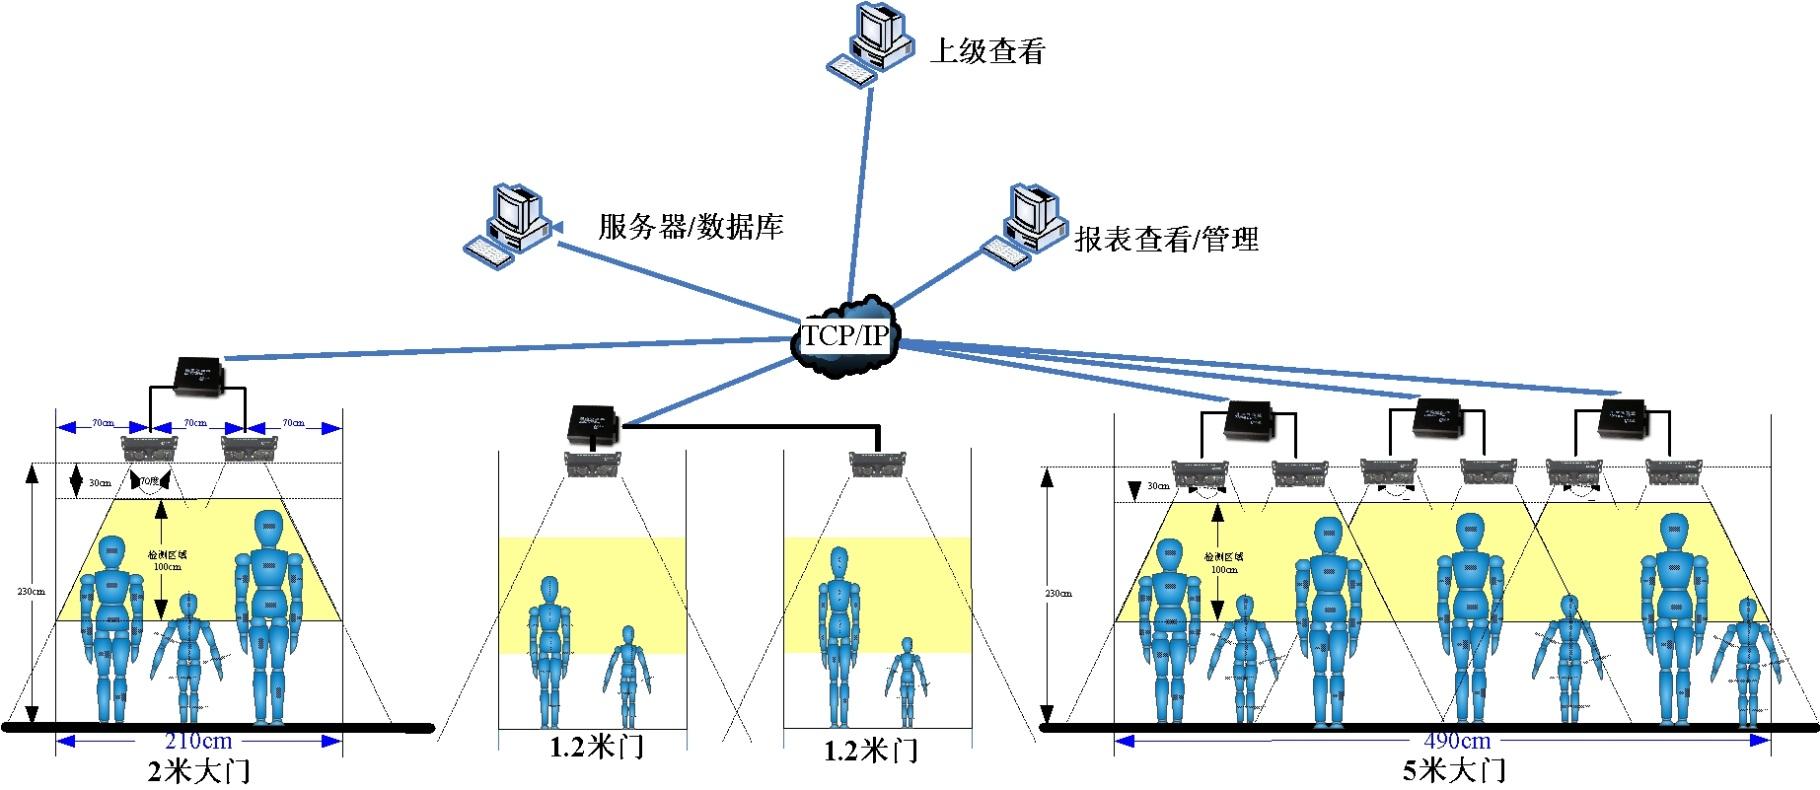 客流计数系统_车辆自动计数系统_客流分析